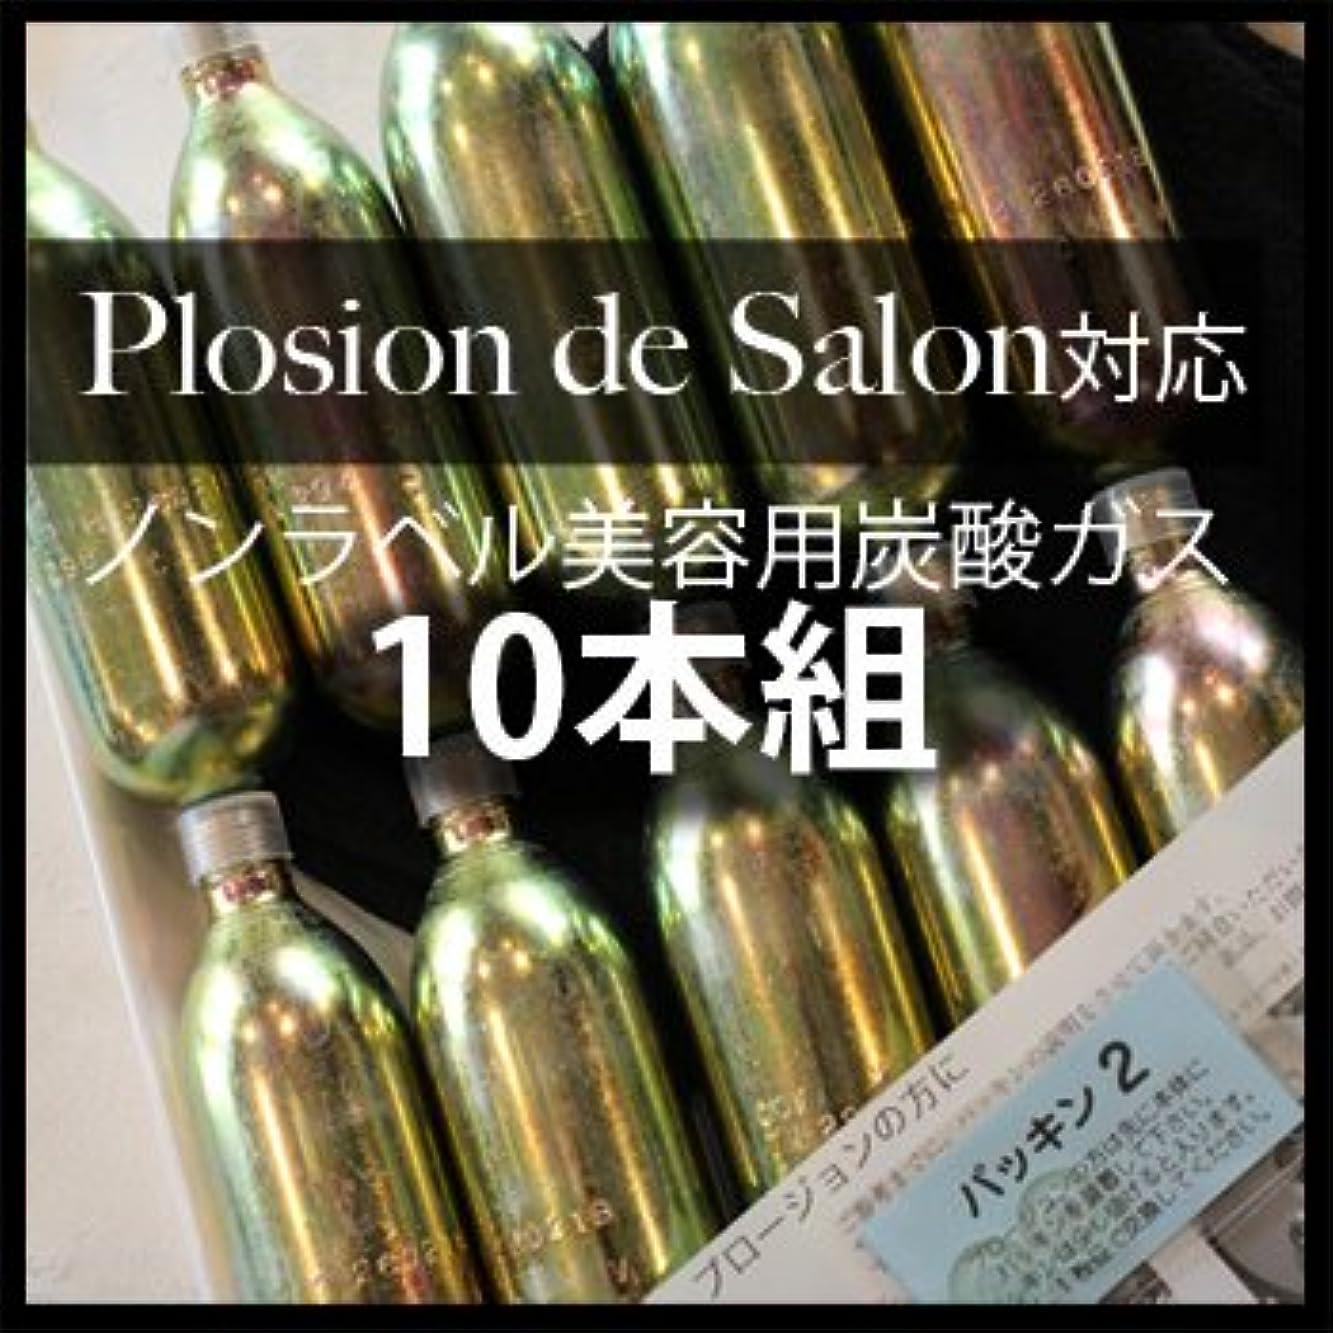 眼カスタムきょうだい炭酸ガスカートリッジ(Plosion de salon用)10本